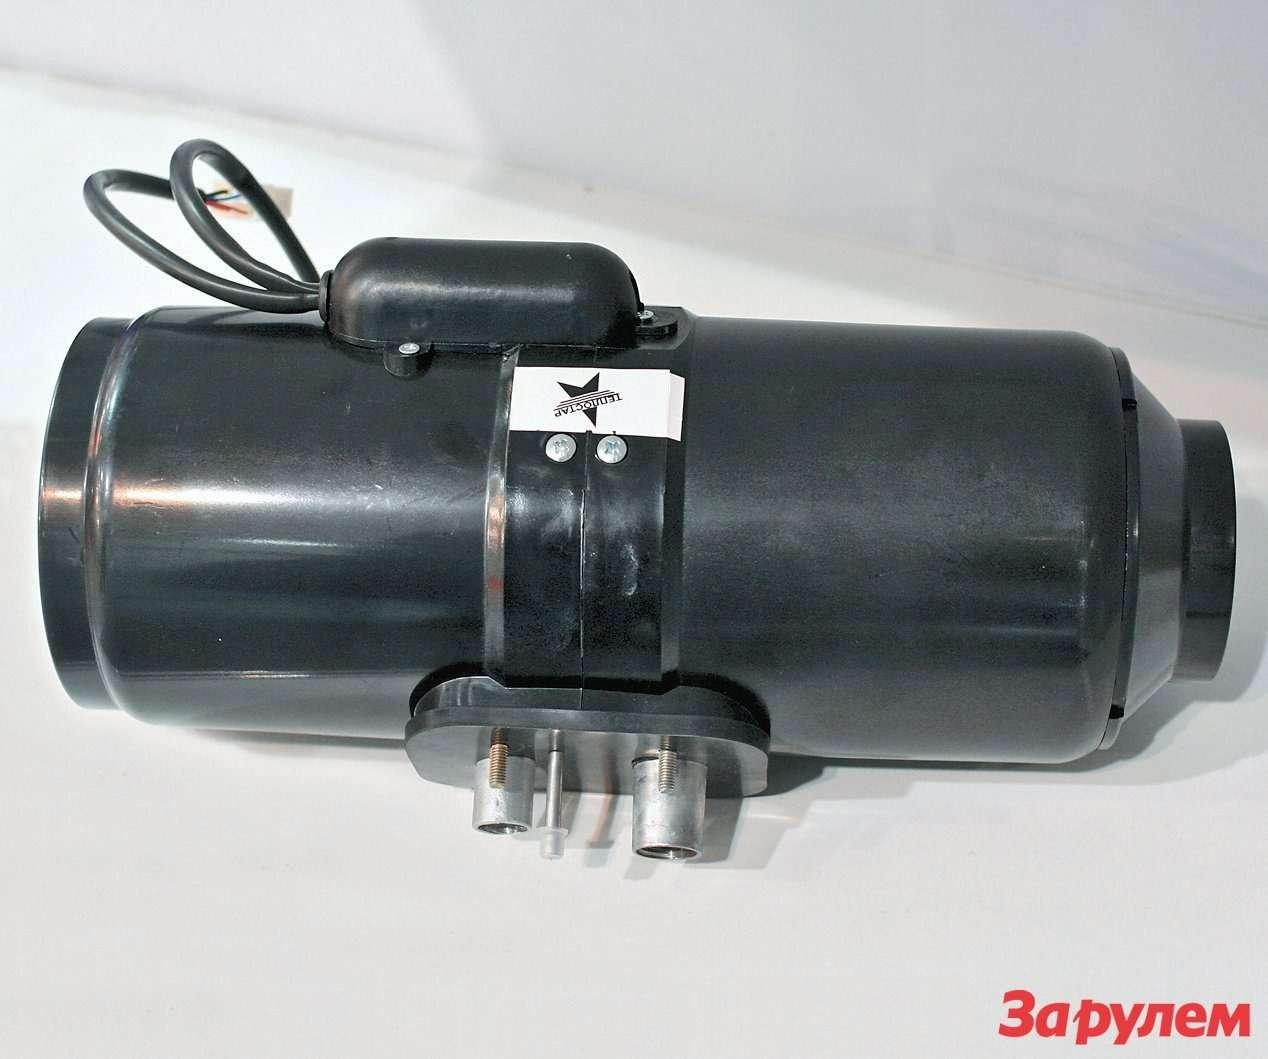 4-киловаттный «Планар-4Д» изСамары оснащен сборным теплообменником:  оребренный алюминиевый радиатор состоит издвух половинок